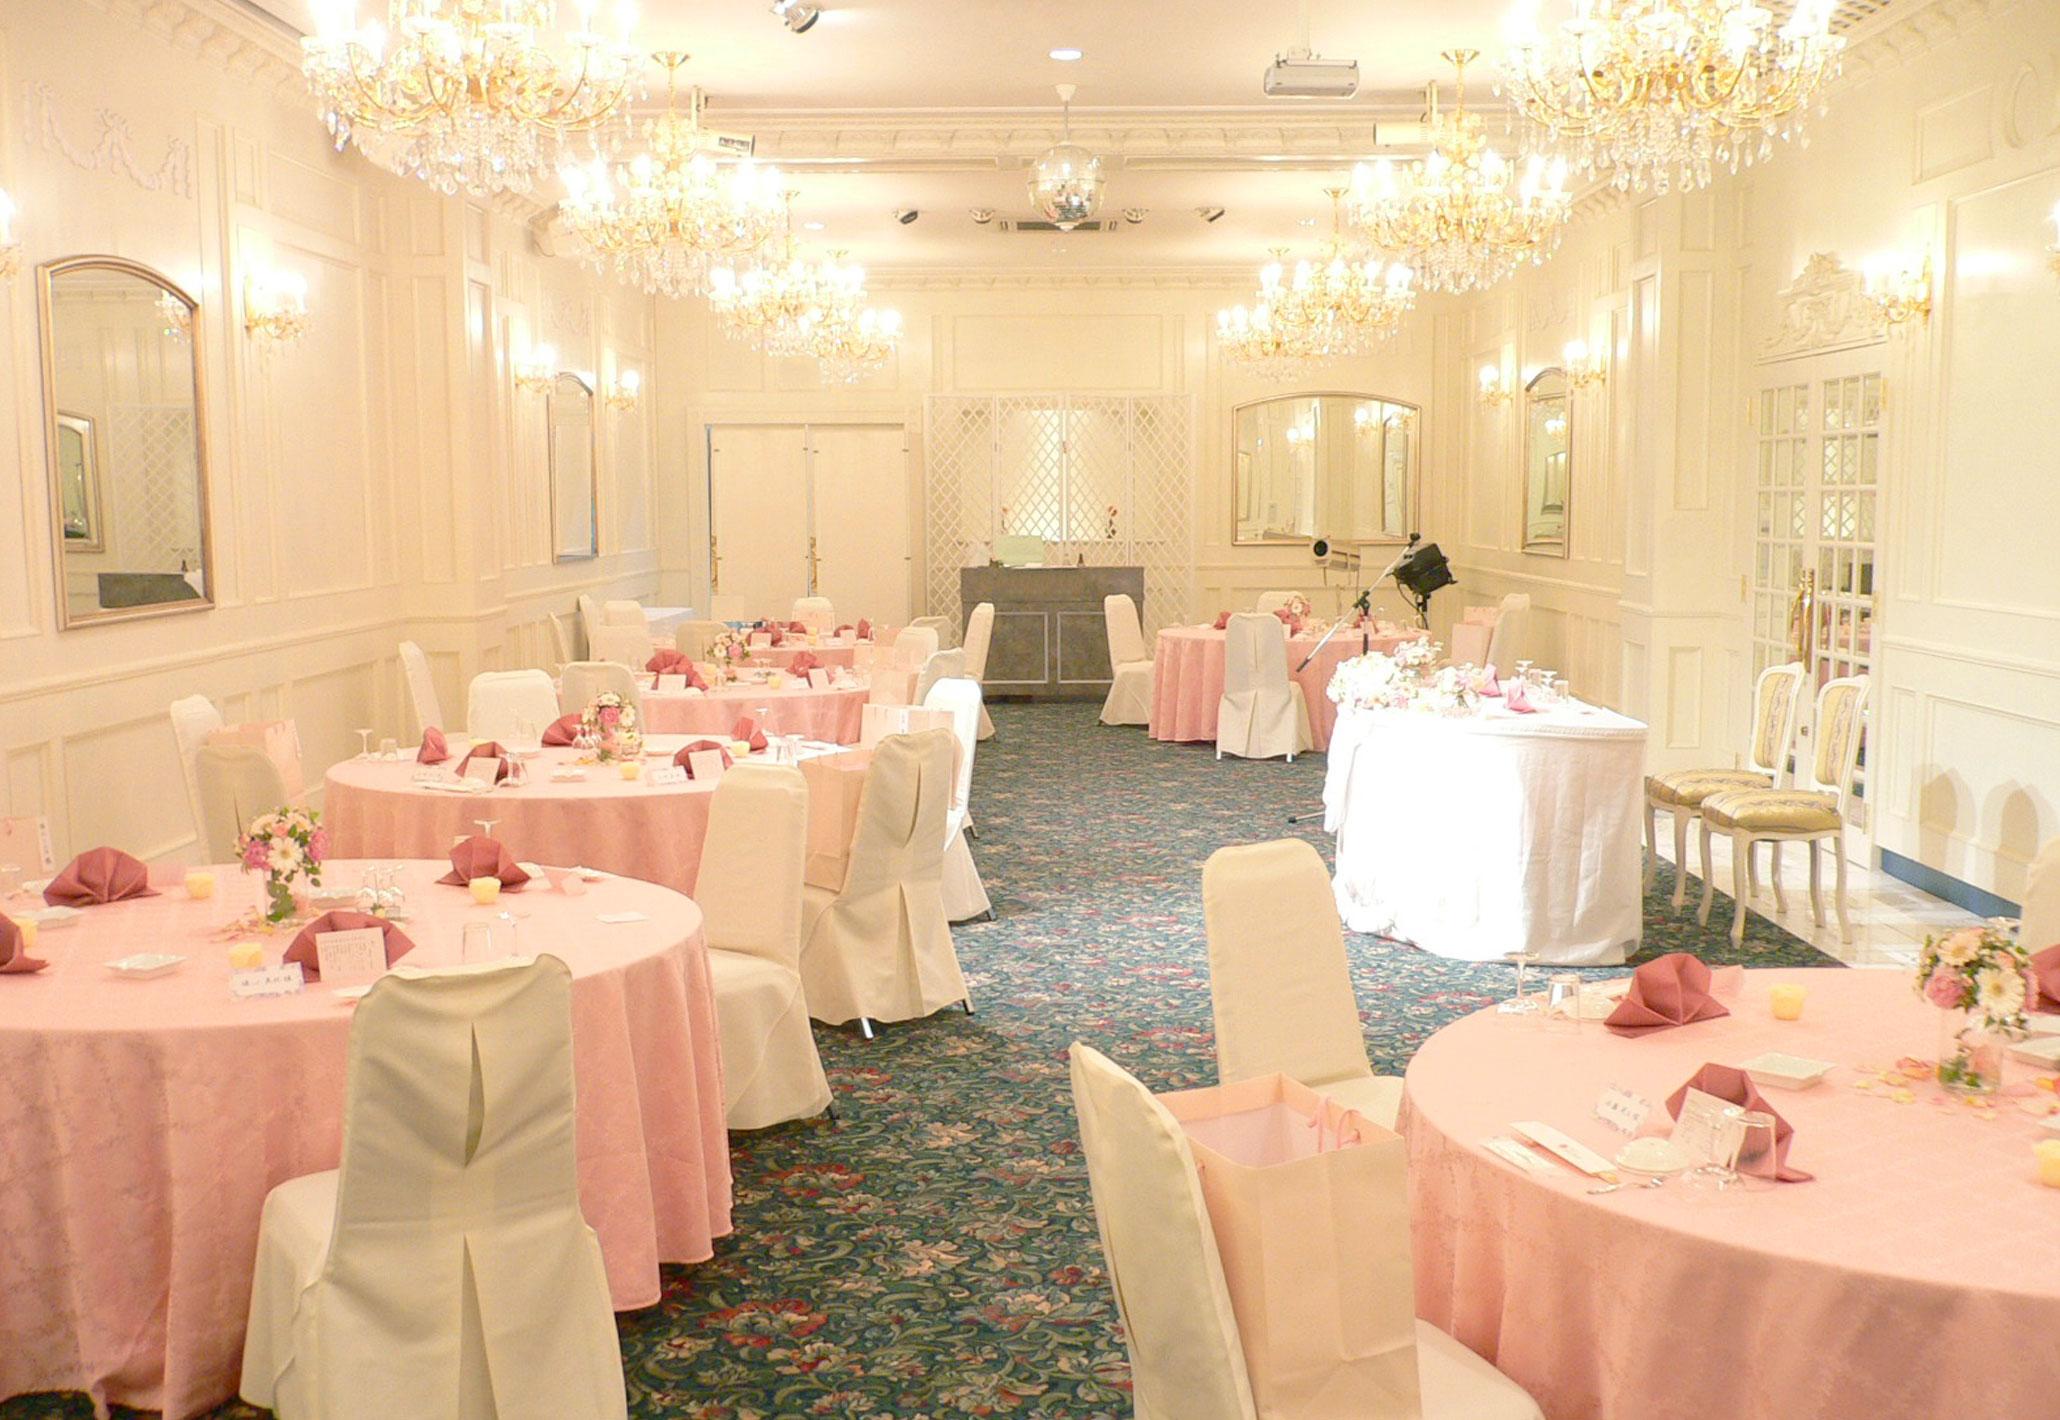 メインテーブルとゲストテーブルが近いので、アットホームな雰囲気に   愛媛県西条市の結婚式場ベルフォーレ西条